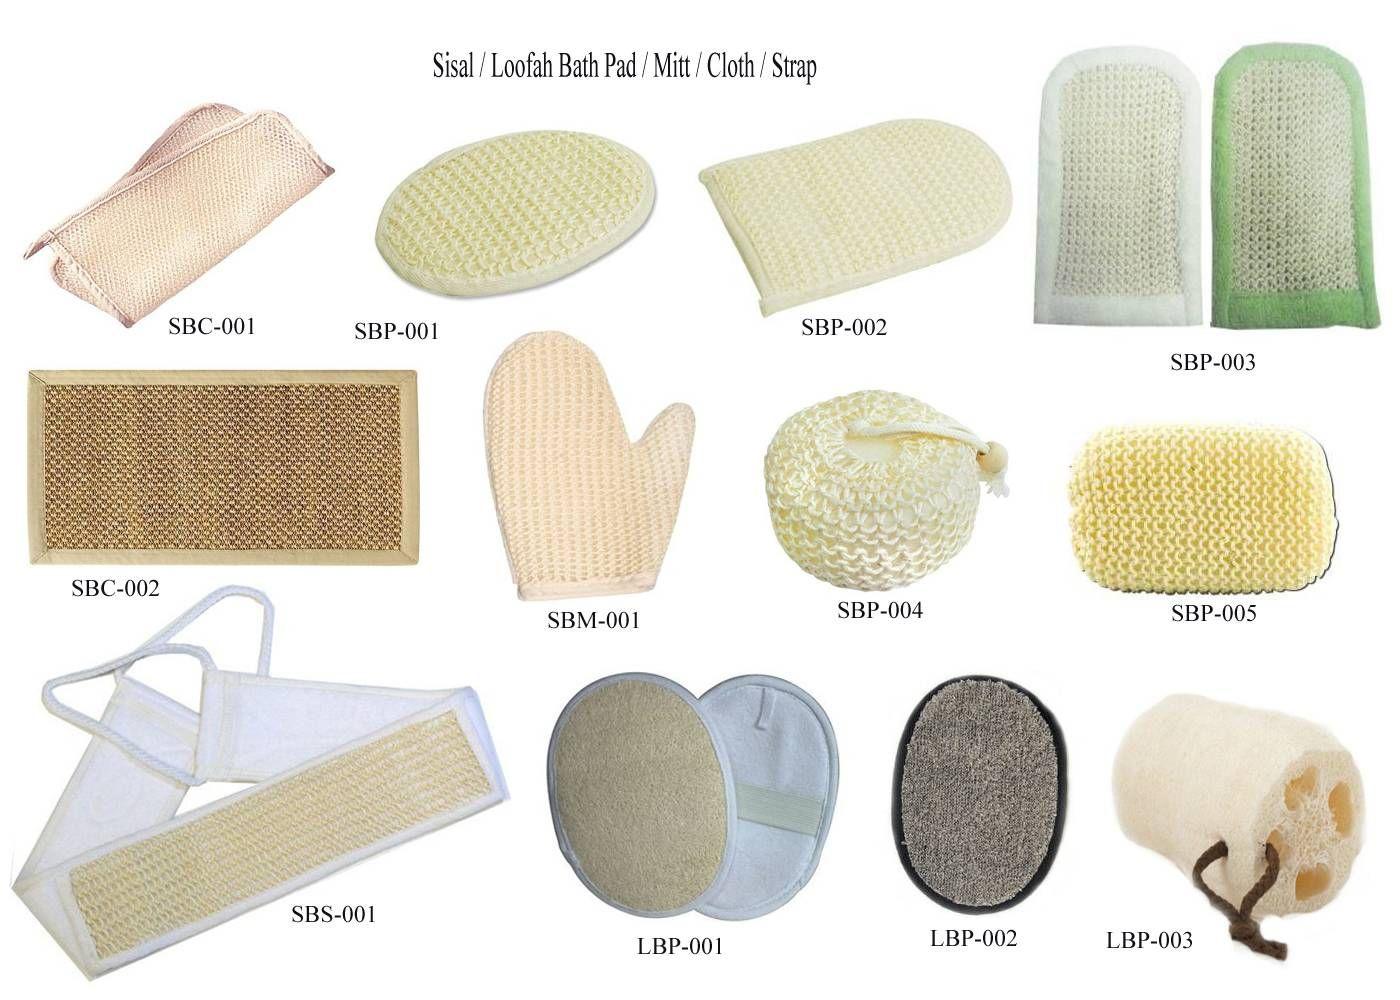 Loofah and Sisal Bath Pad / Sponges - every woman needs one :) | Loofah,  Bath pad, Manicure set